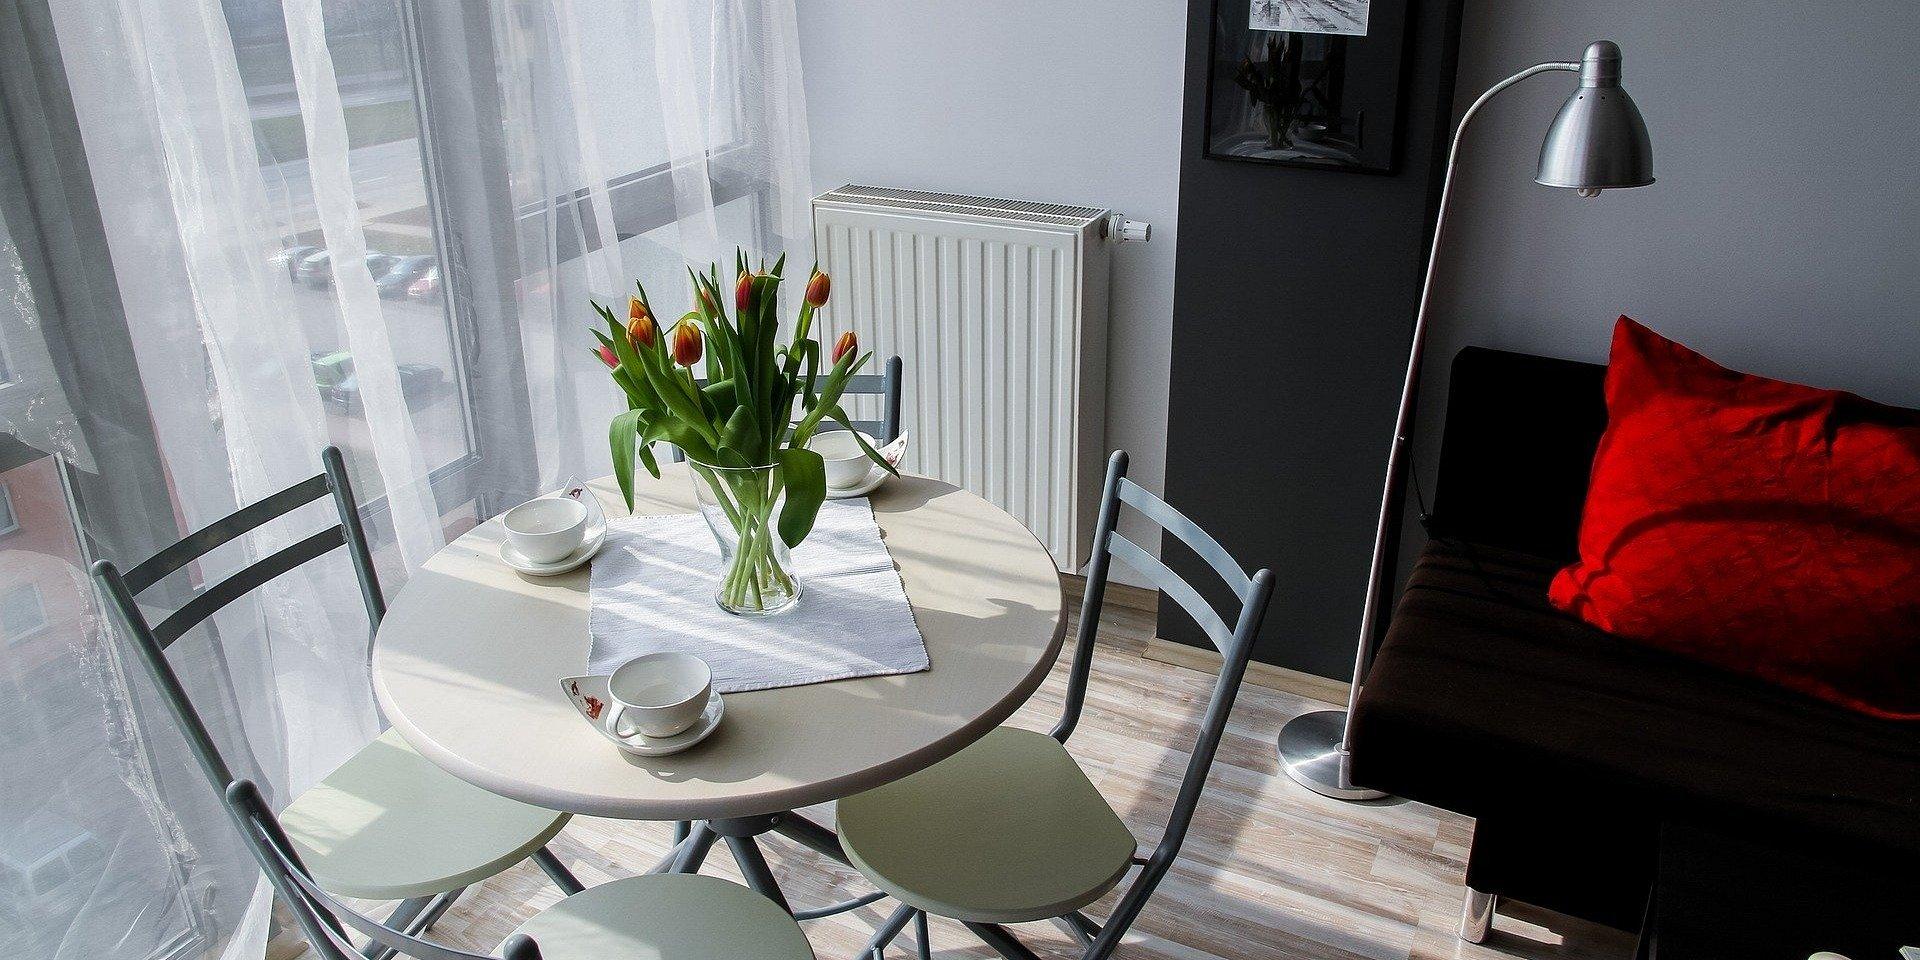 Umowy najmu lokali mieszkalnych przedłużone do 30 czerwca 2020 r.